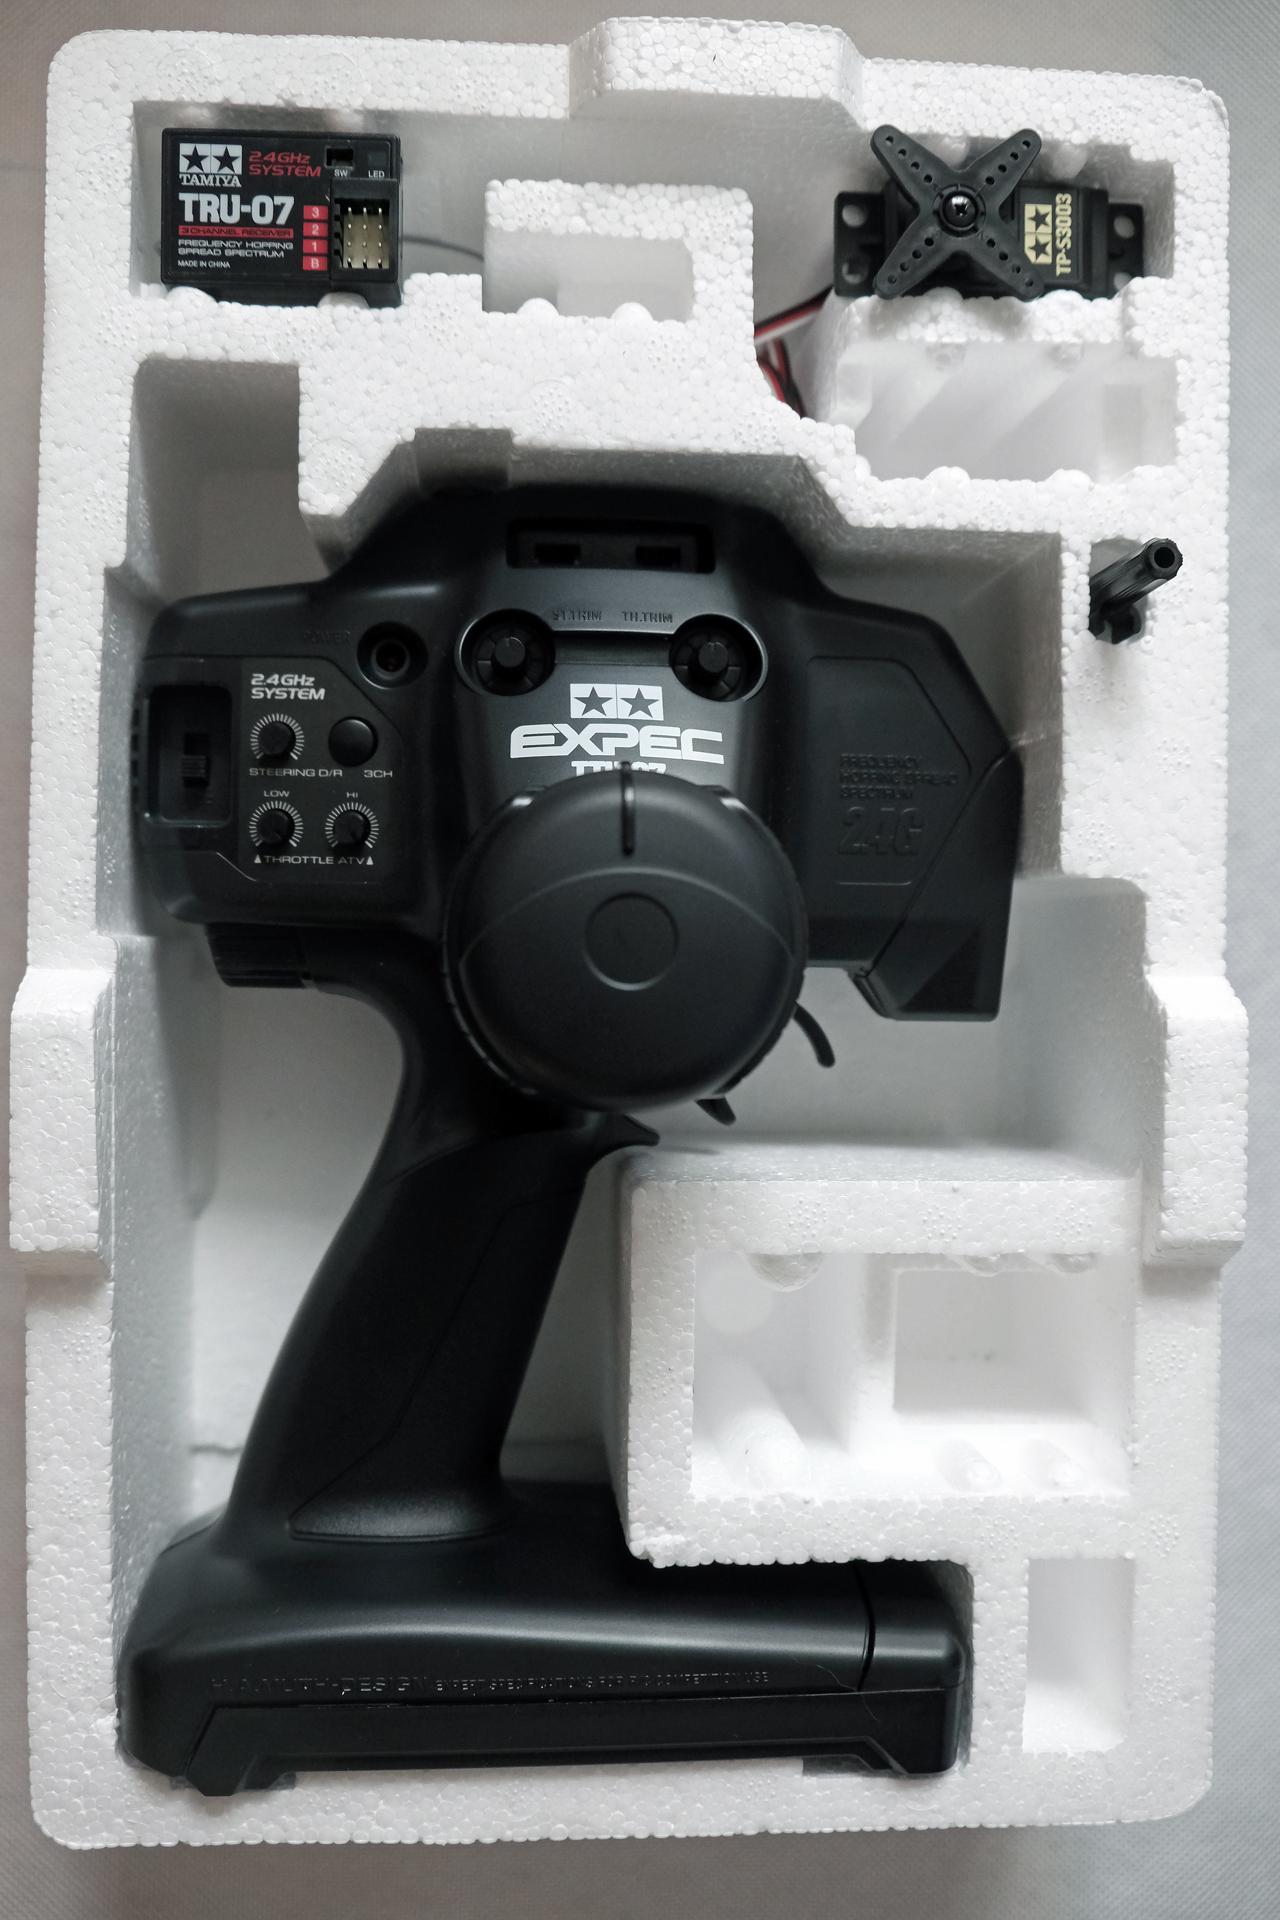 丸みを帯びたハンス・ムートらしいデザイン。デジタルカメラ「MINOLTA α-7700i」にも共通するデザインが魅力だ